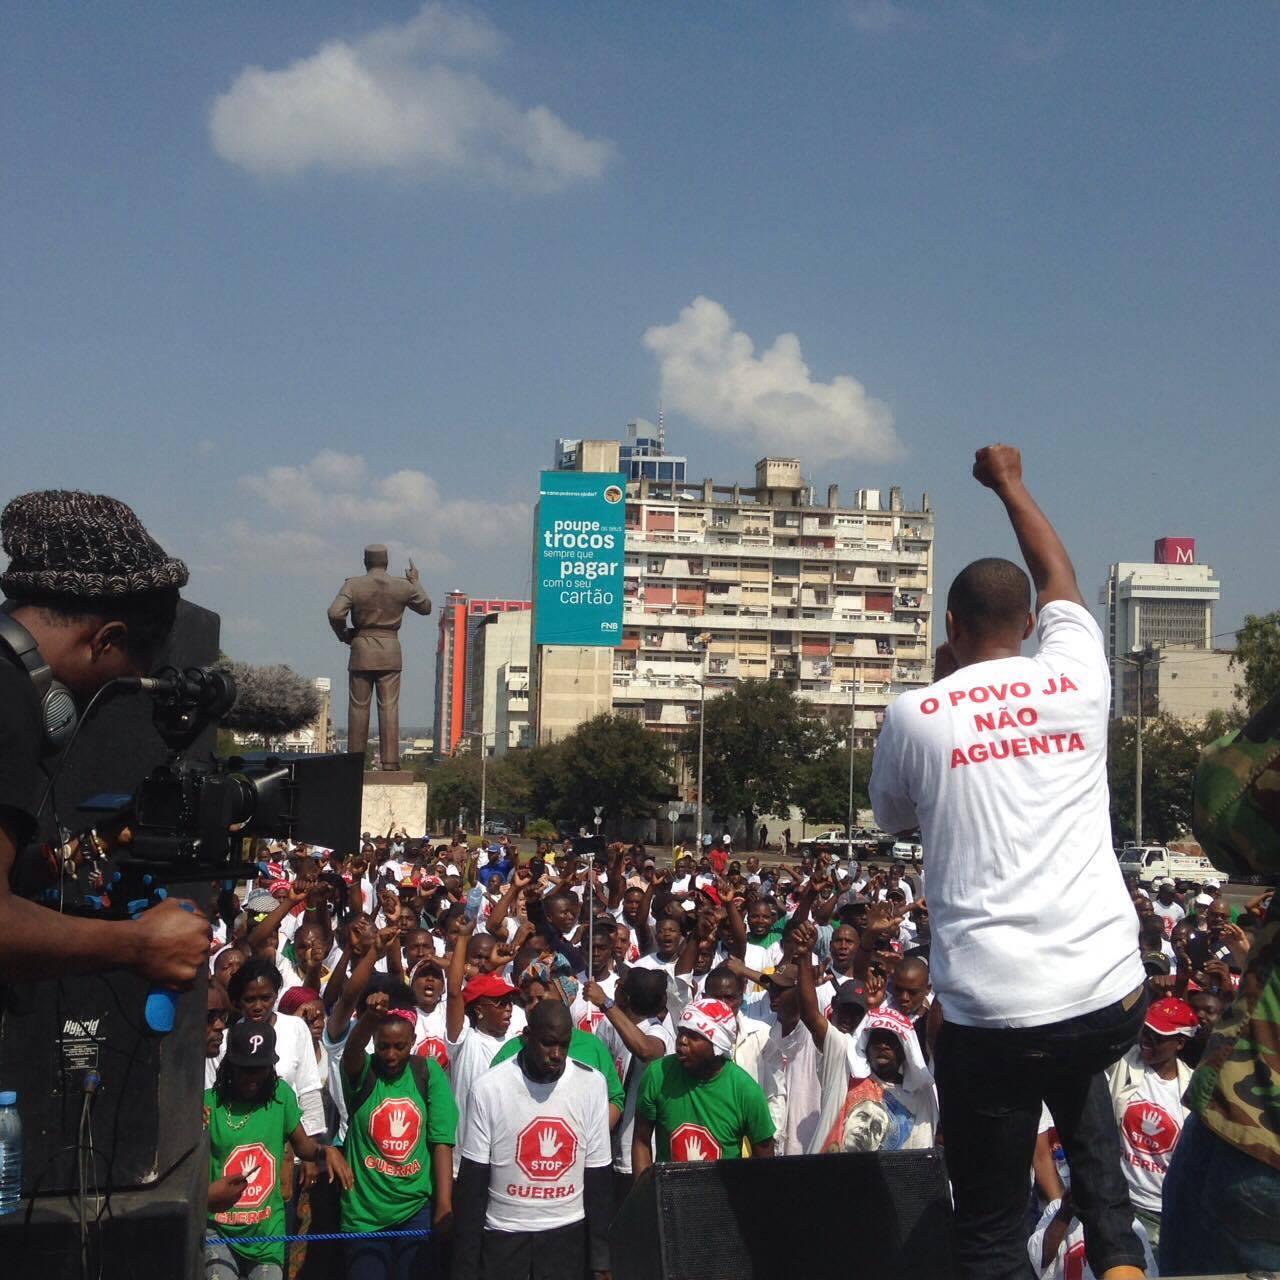 Manifestação pela paz e fim da crise económica em Maputo. Foto: Dércio Tsandzana/Global Voices